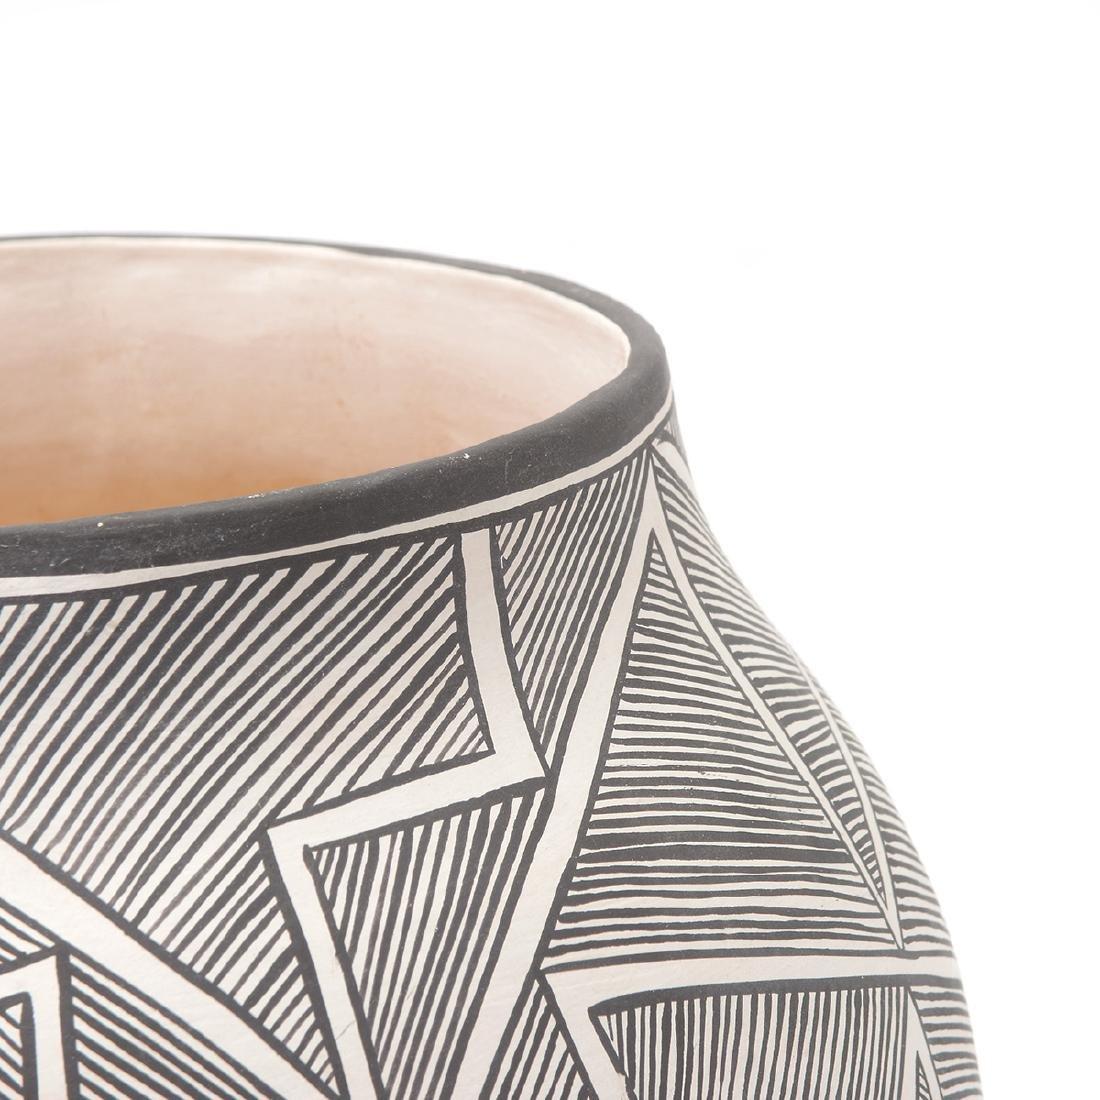 Acoma Geometric Vase with Lightning, B.Goncho, NM - 3